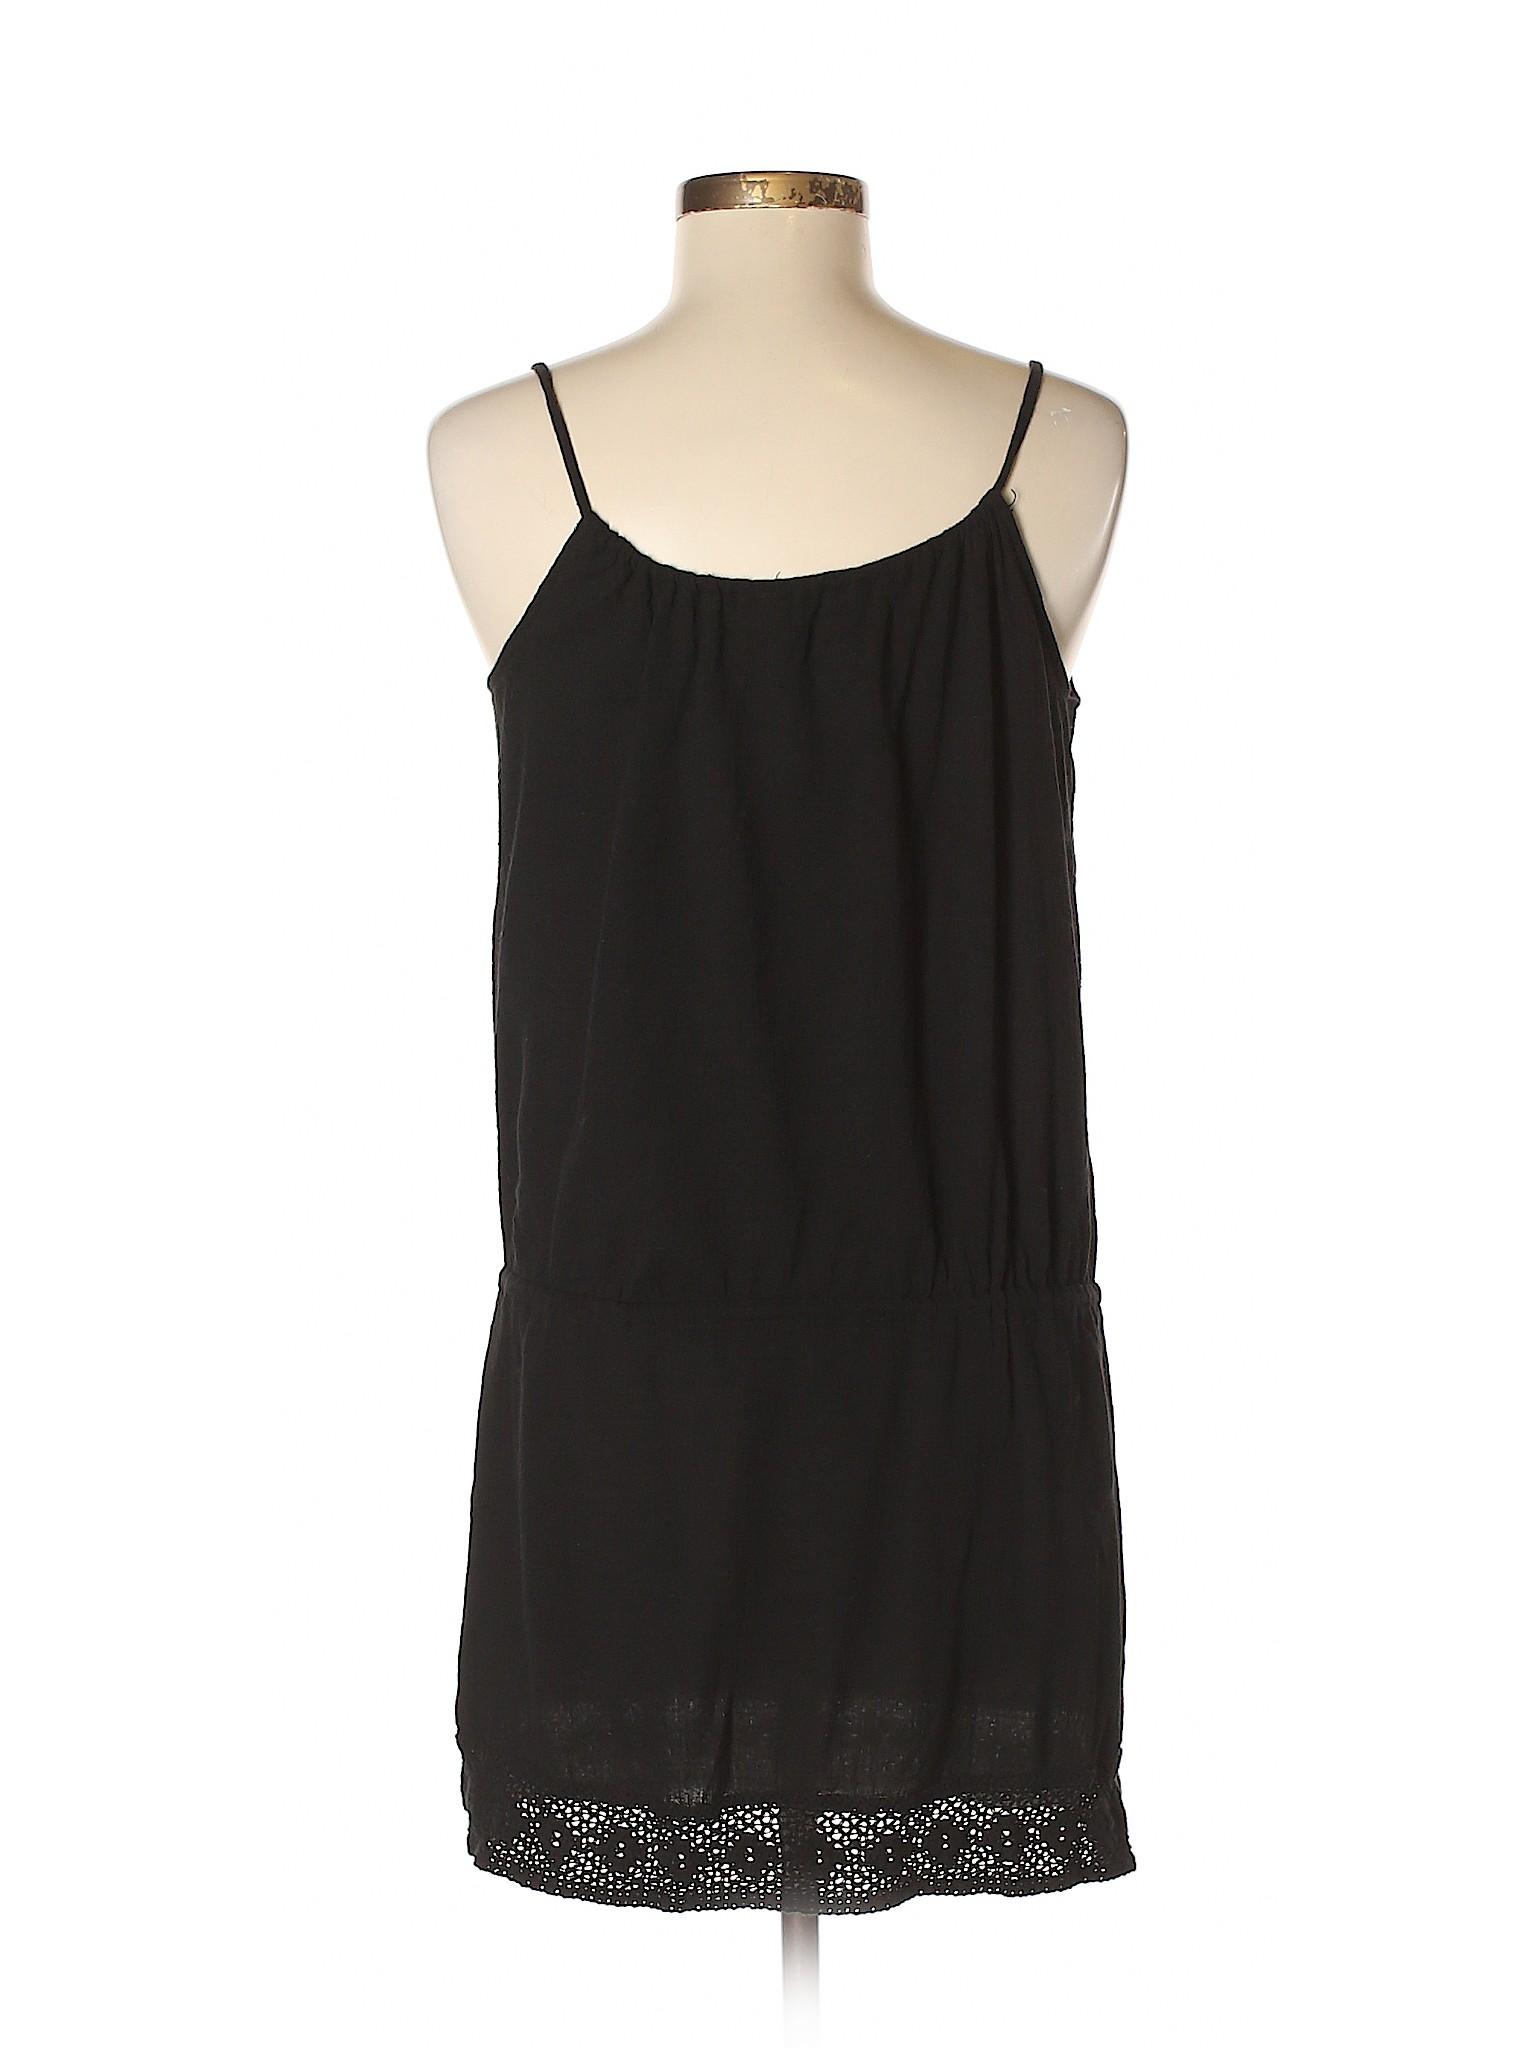 Escape Dress Casual Tropical Boutique winter 8UwHFqFZ